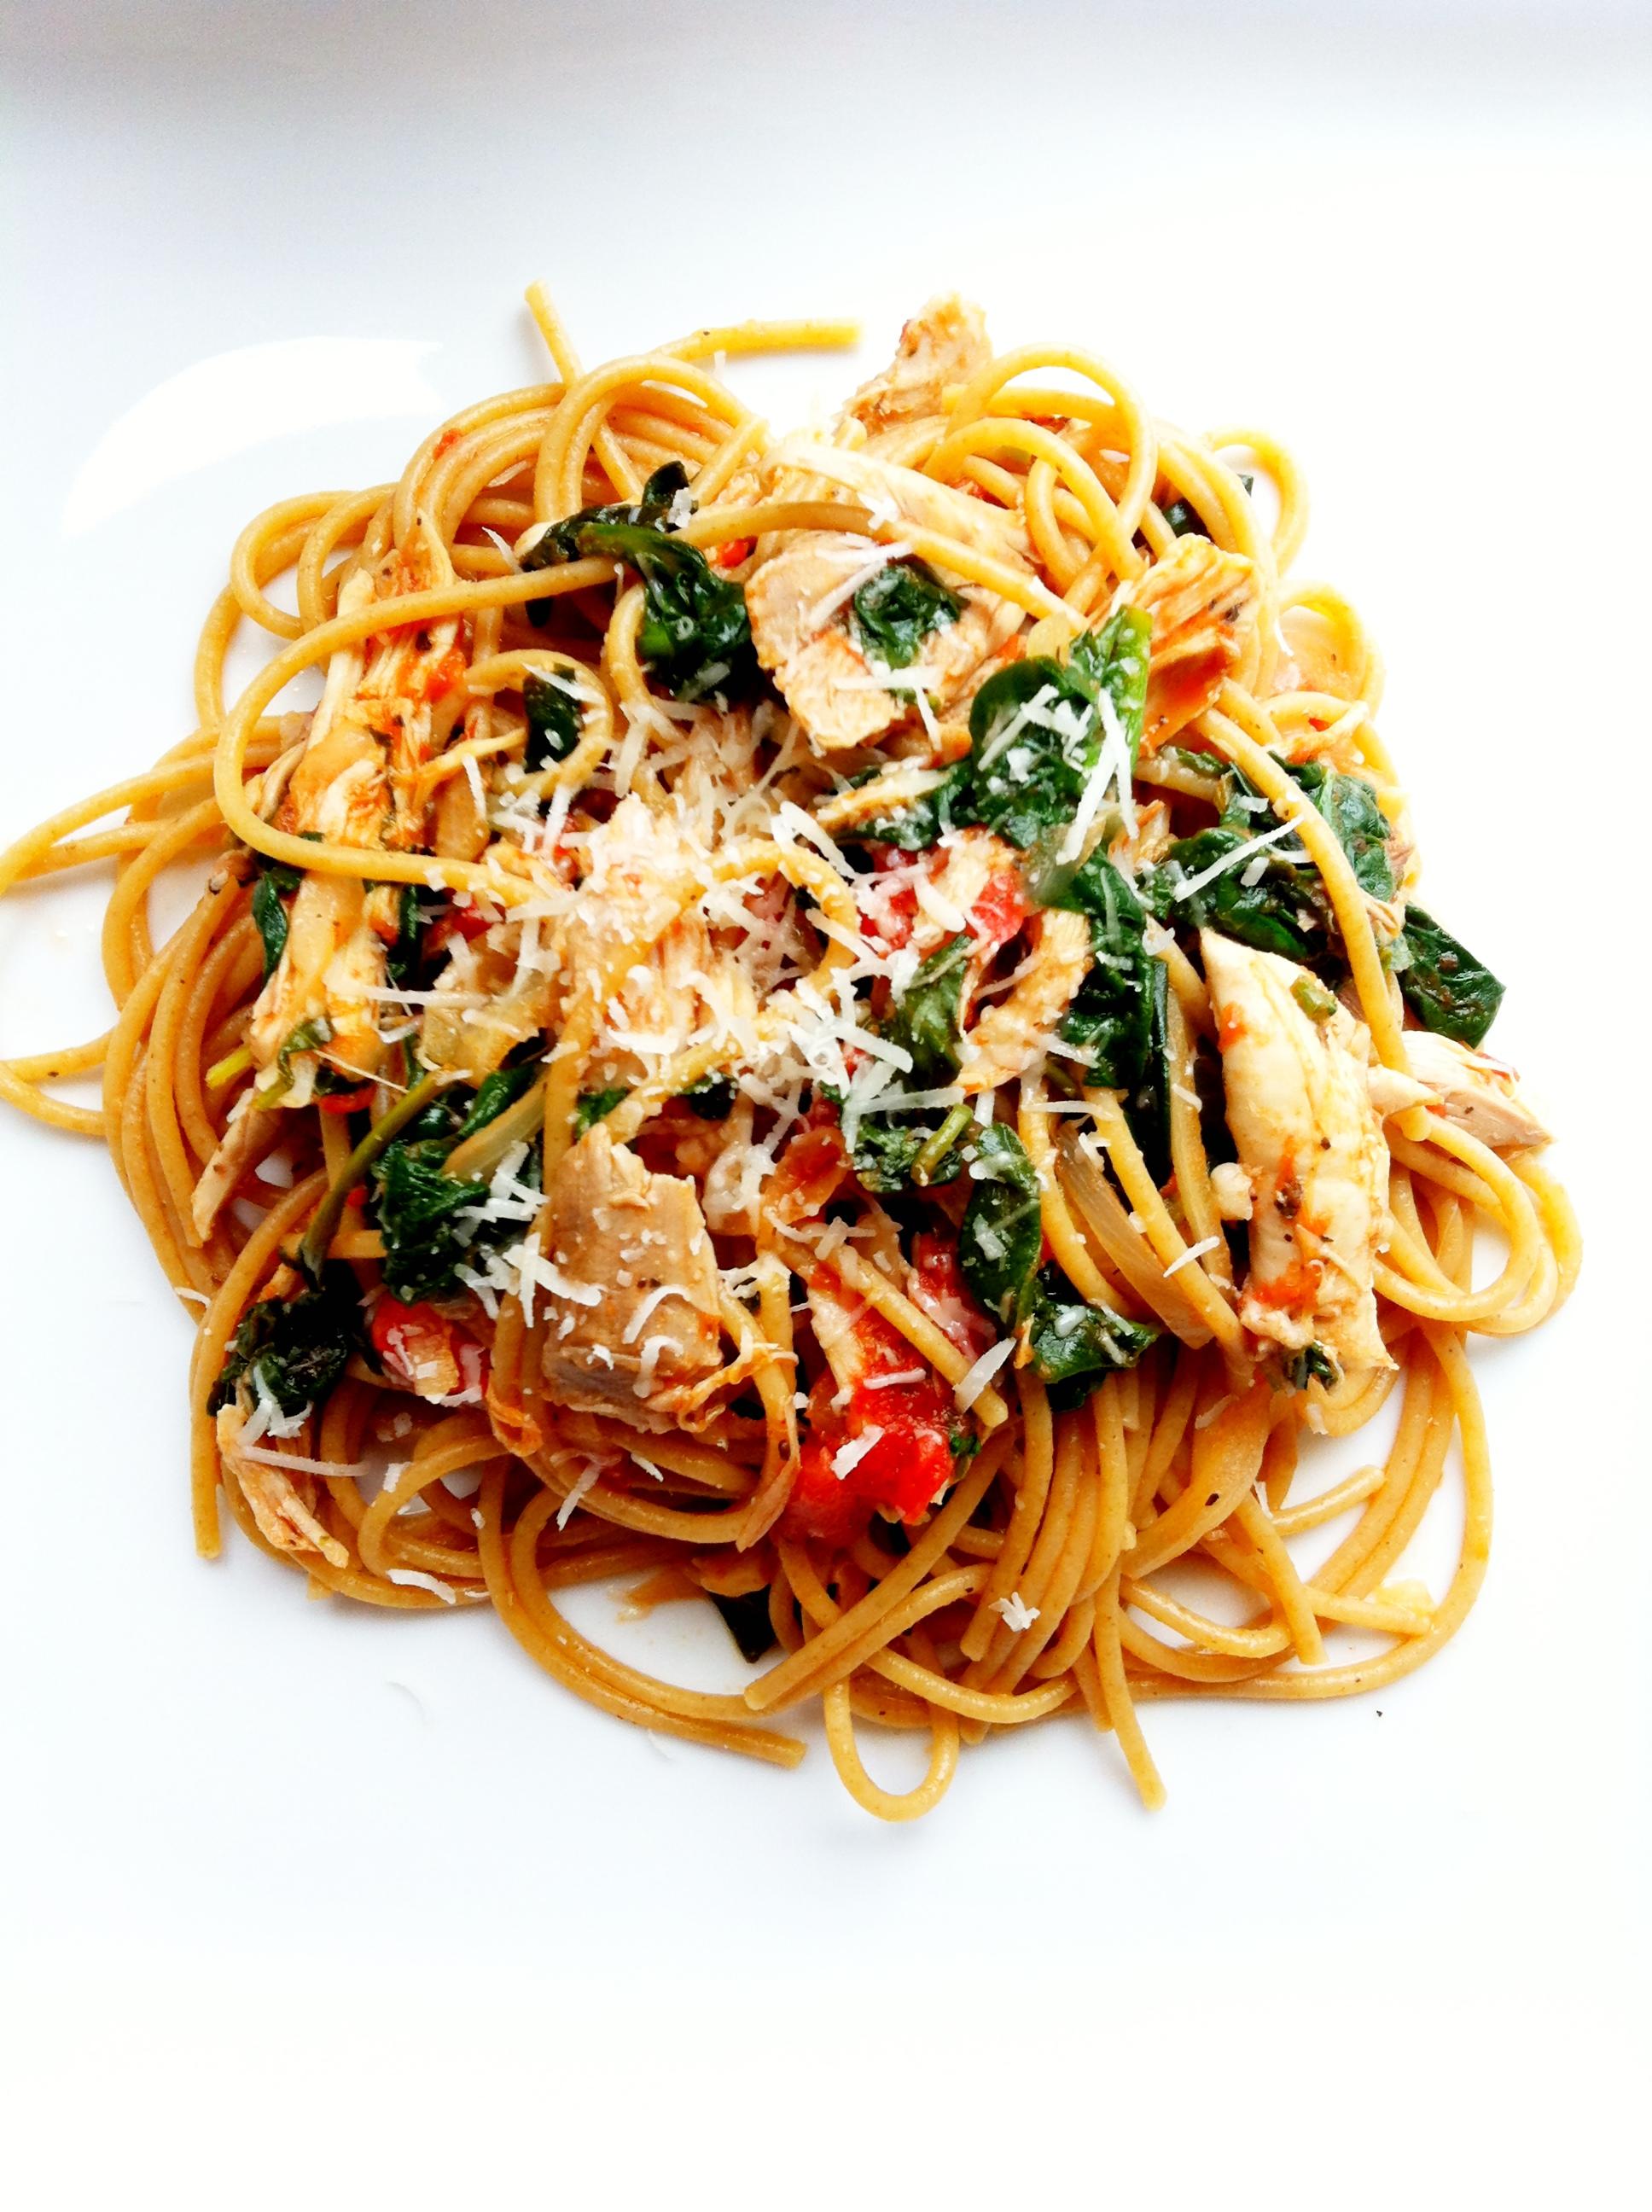 Moj pomysl na obiad  malywielkiswiatewla -> Kuchnia Lidla Pomysl Na Obiad